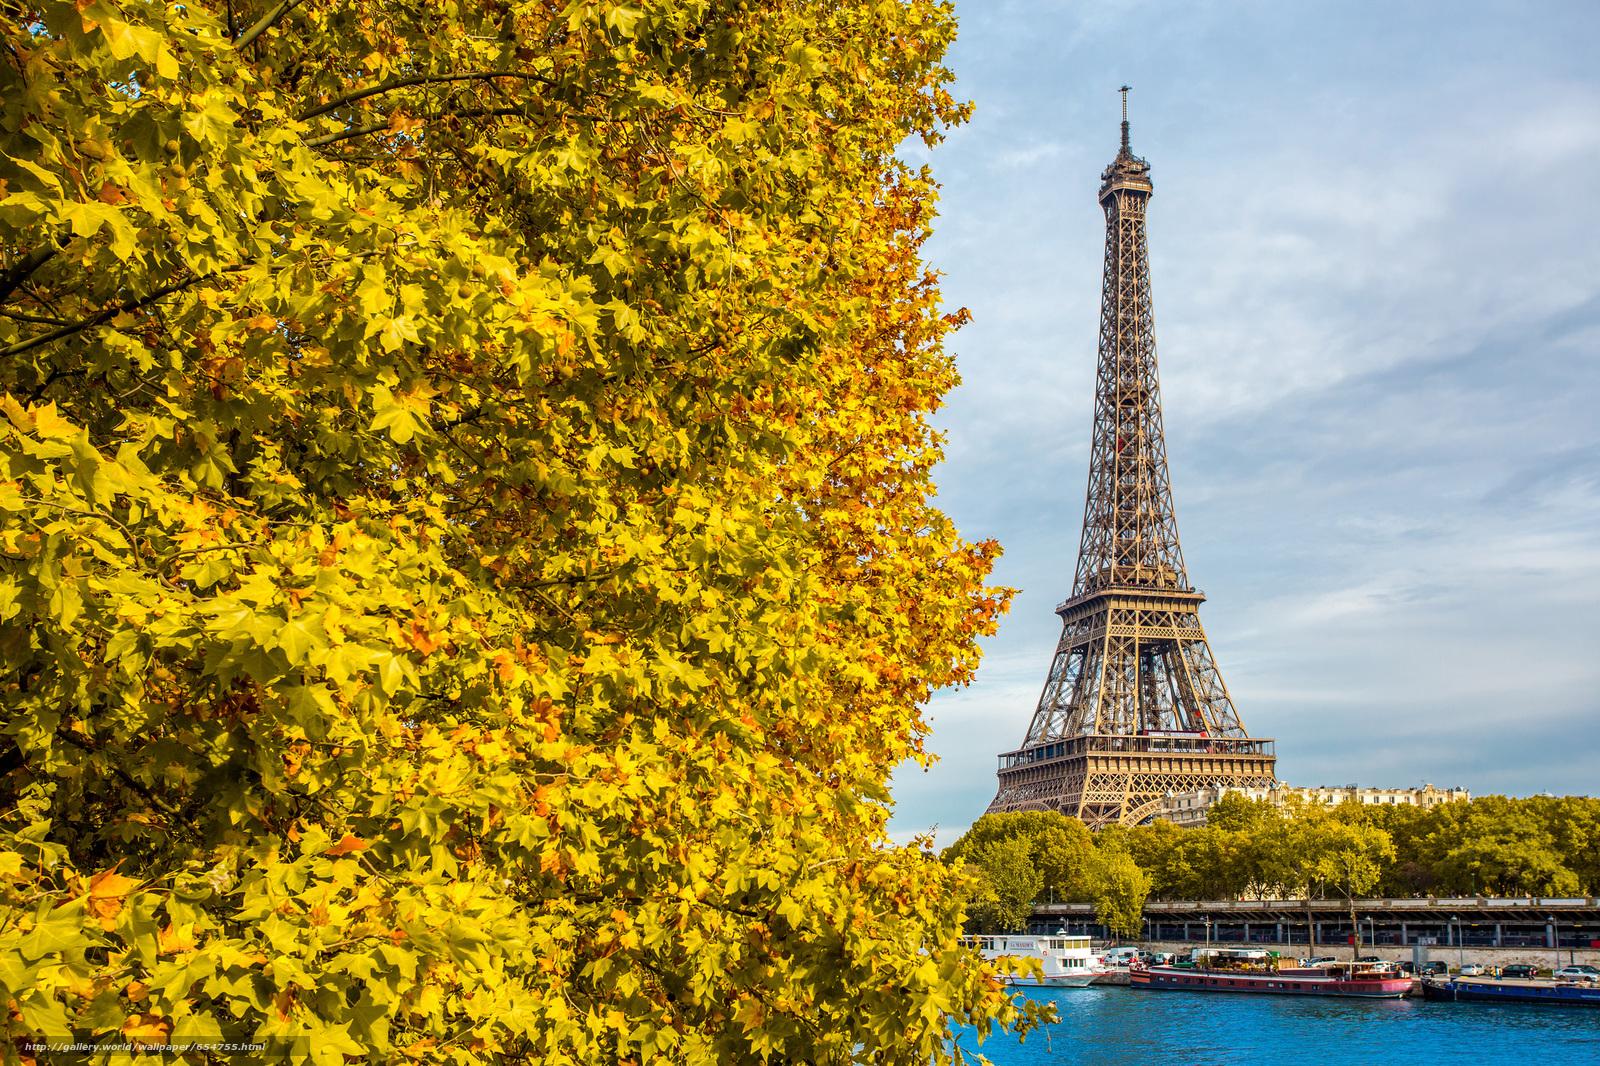 下载壁纸 艾菲尔铁塔,  巴黎,  法国,  艾菲尔铁塔 免费为您的桌面分辨率的壁纸 2048x1365 — 图片 №654755